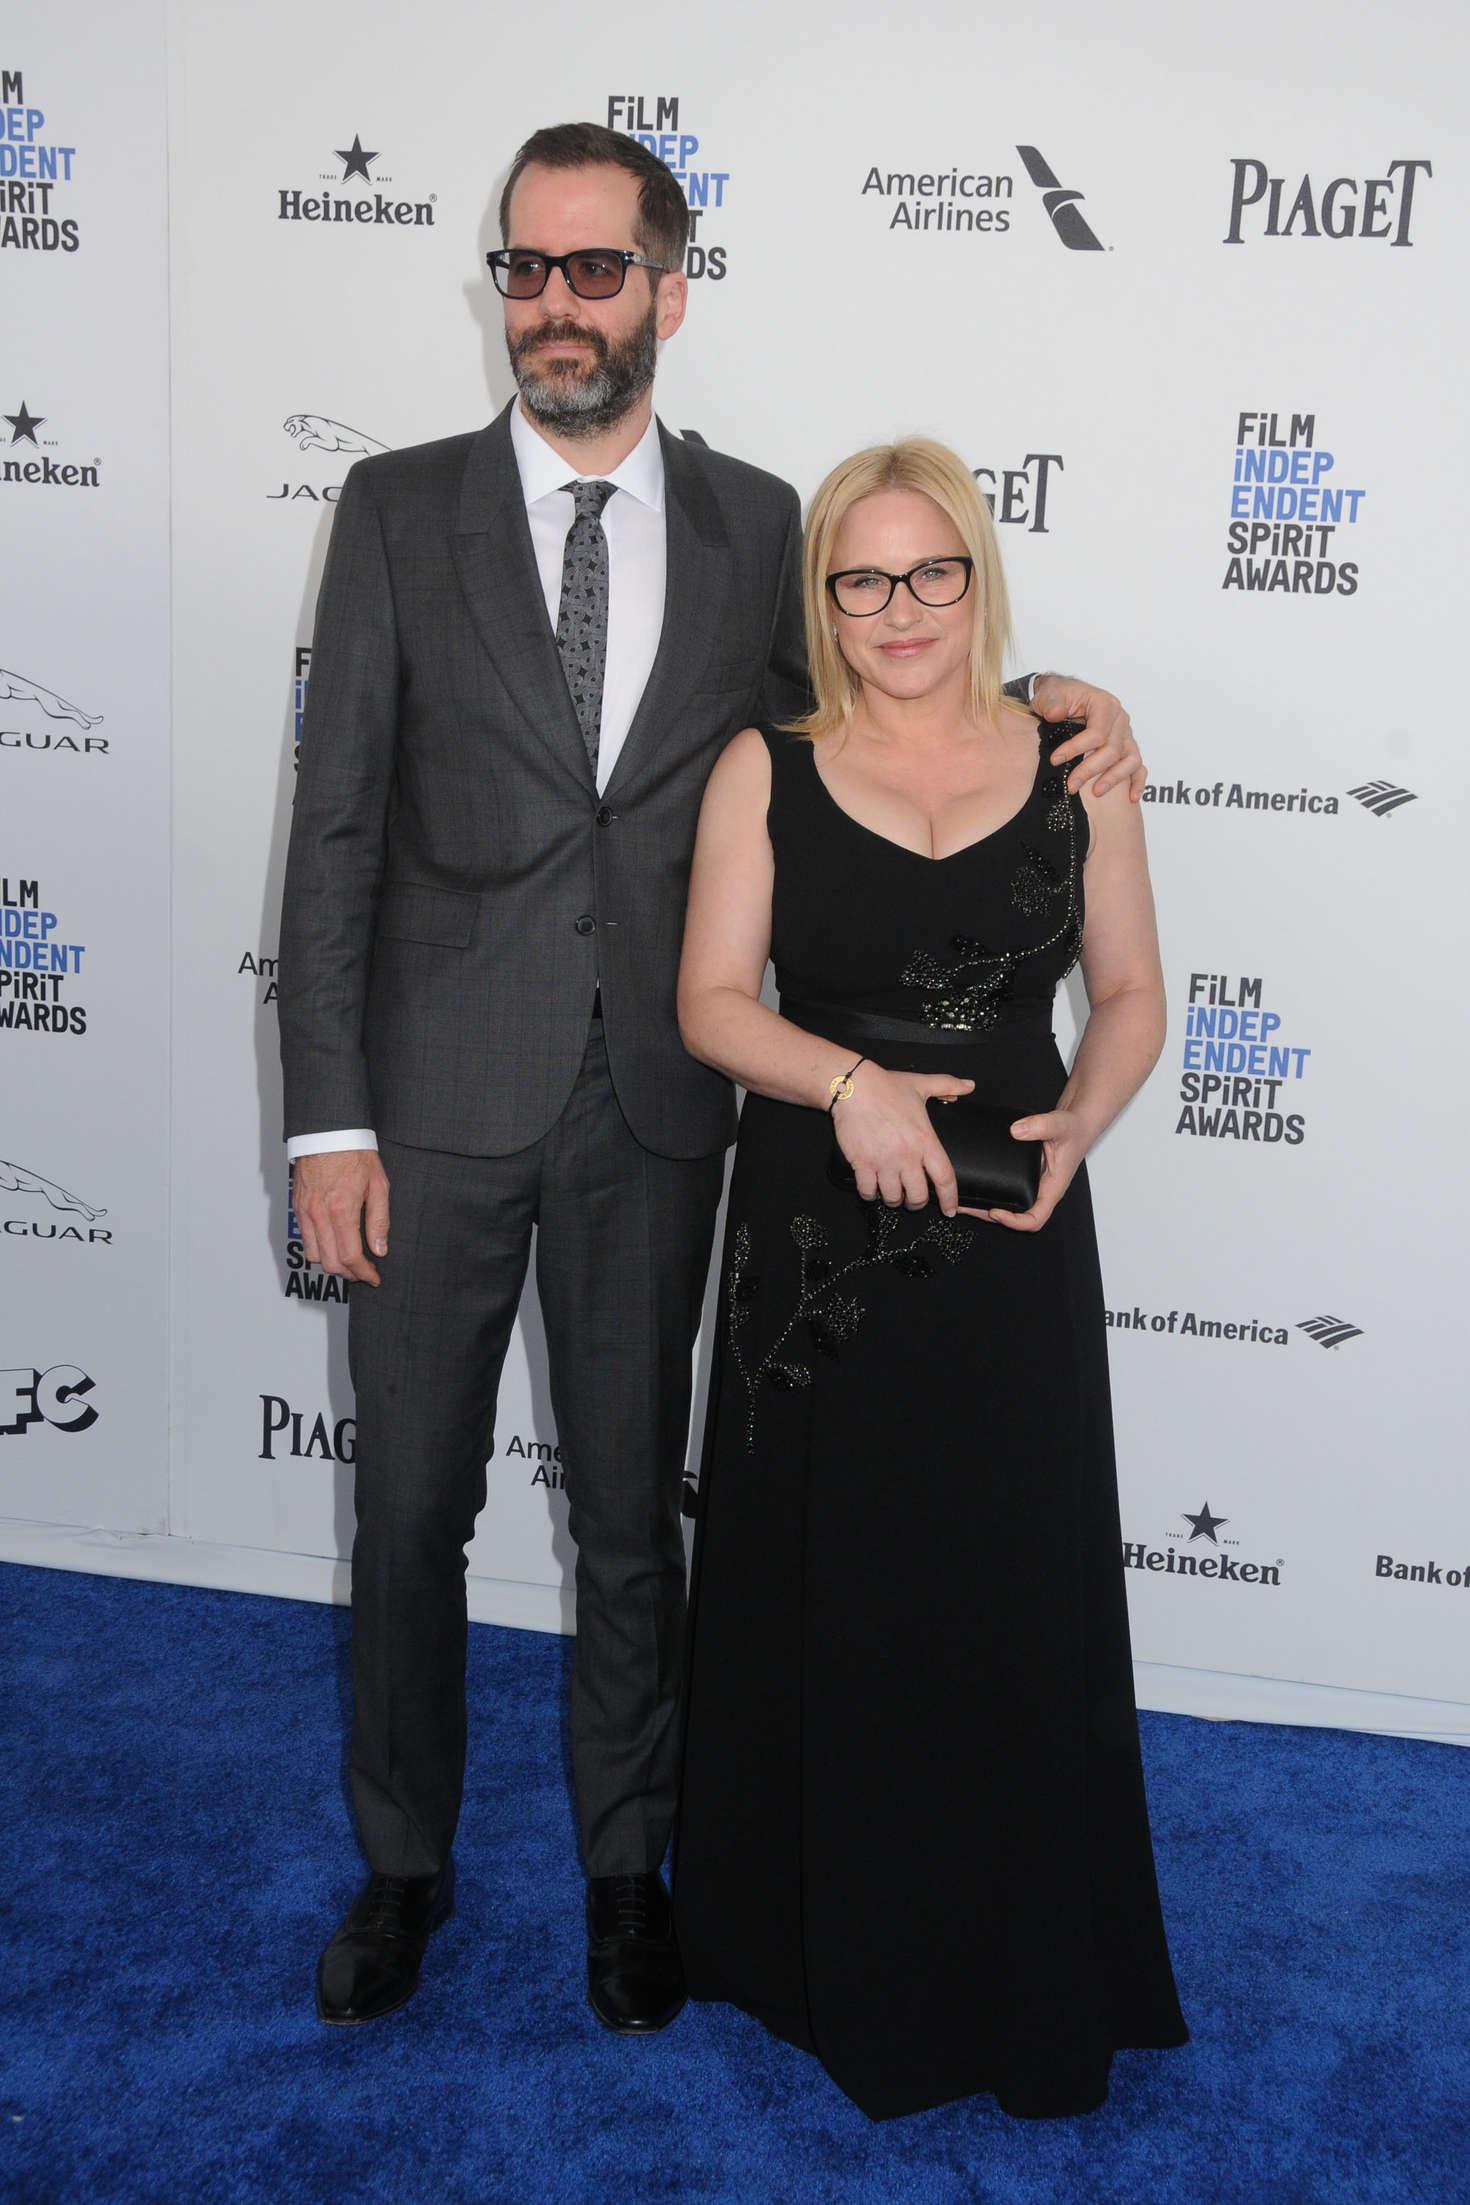 Patricia Arquette Film Independent Spirit Awards in Santa Monica